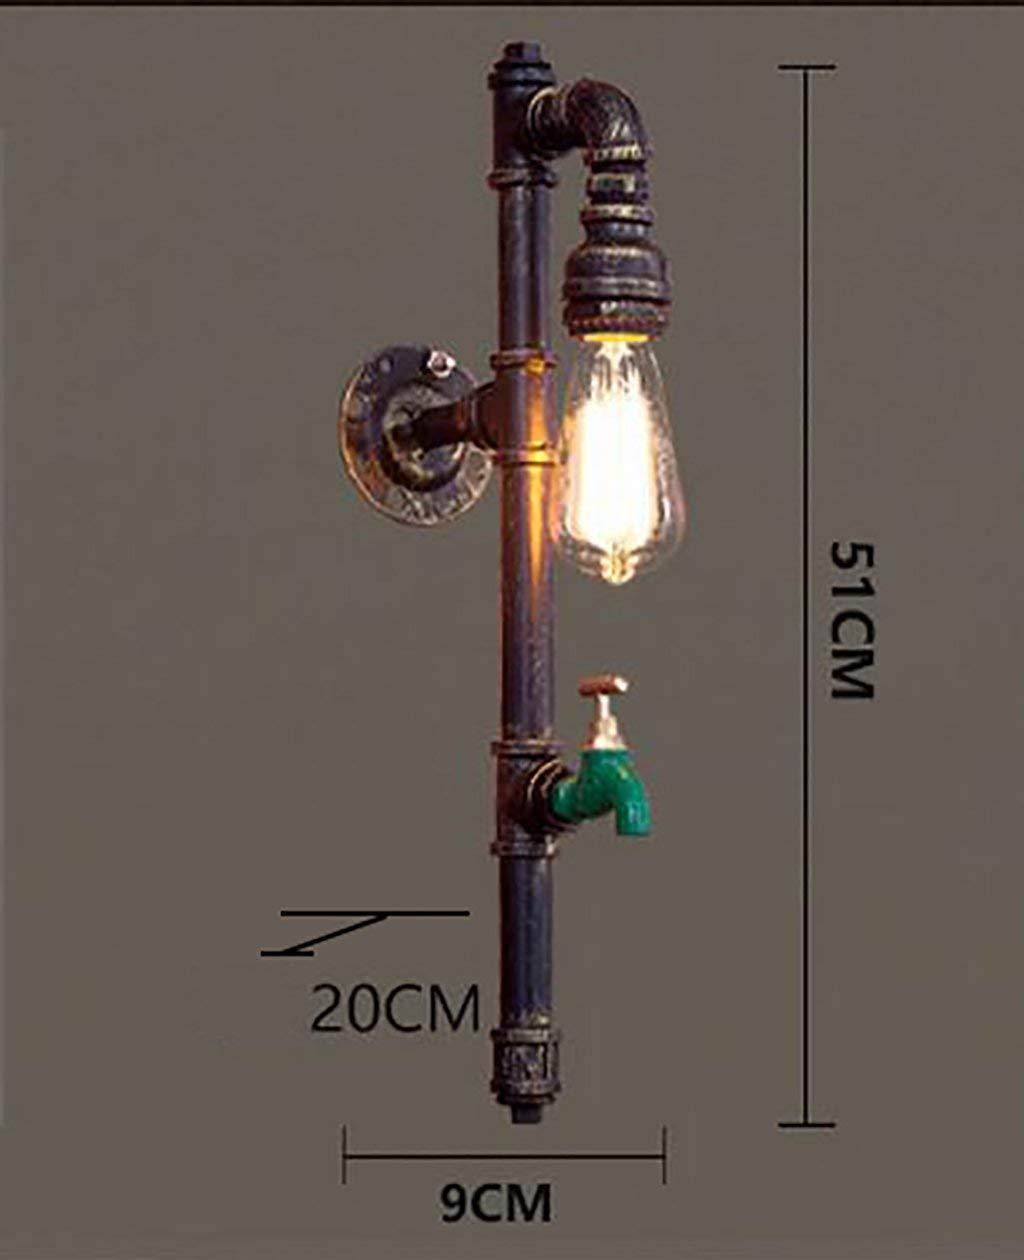 GZ Arredonnato per la casa Lampada da Parete Vintage Scala da Balcone Industriale Mono Lampade per Tubi di Acqua Lampade da Parete in Ferro Retro Bar Study